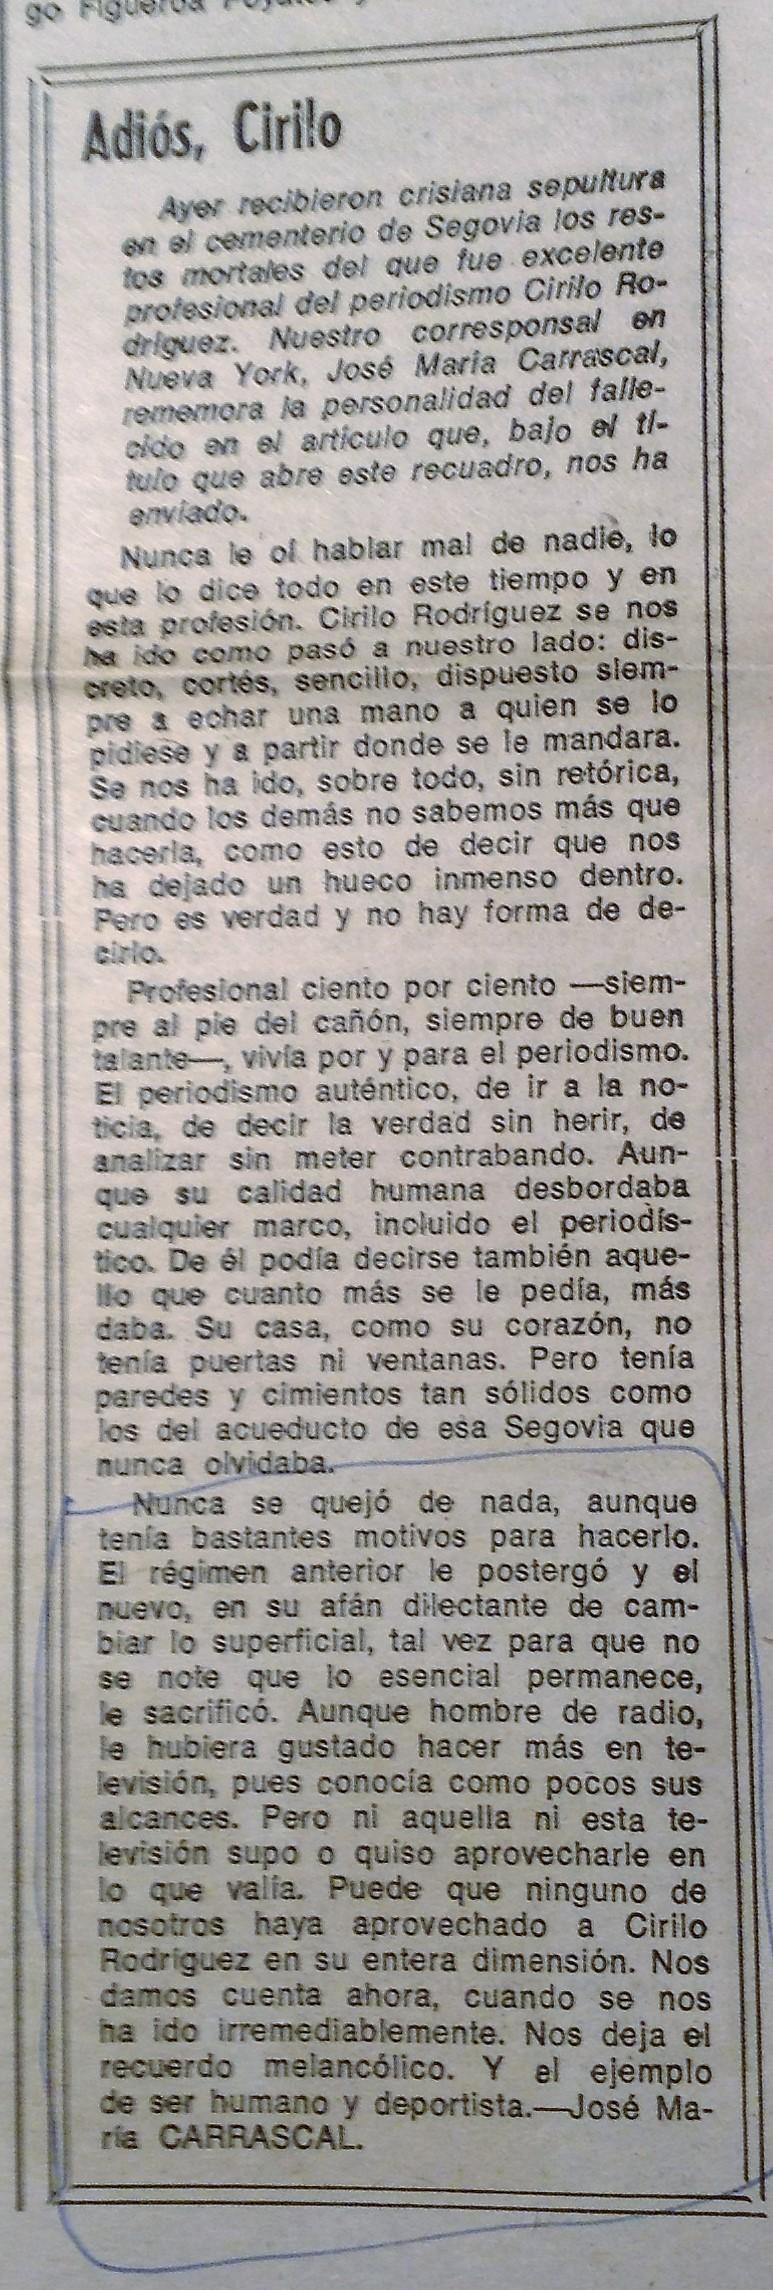 adio-de-jose-maria-carrascal-publicado-en-pueblo-el-23-de-noviembre-de-1980